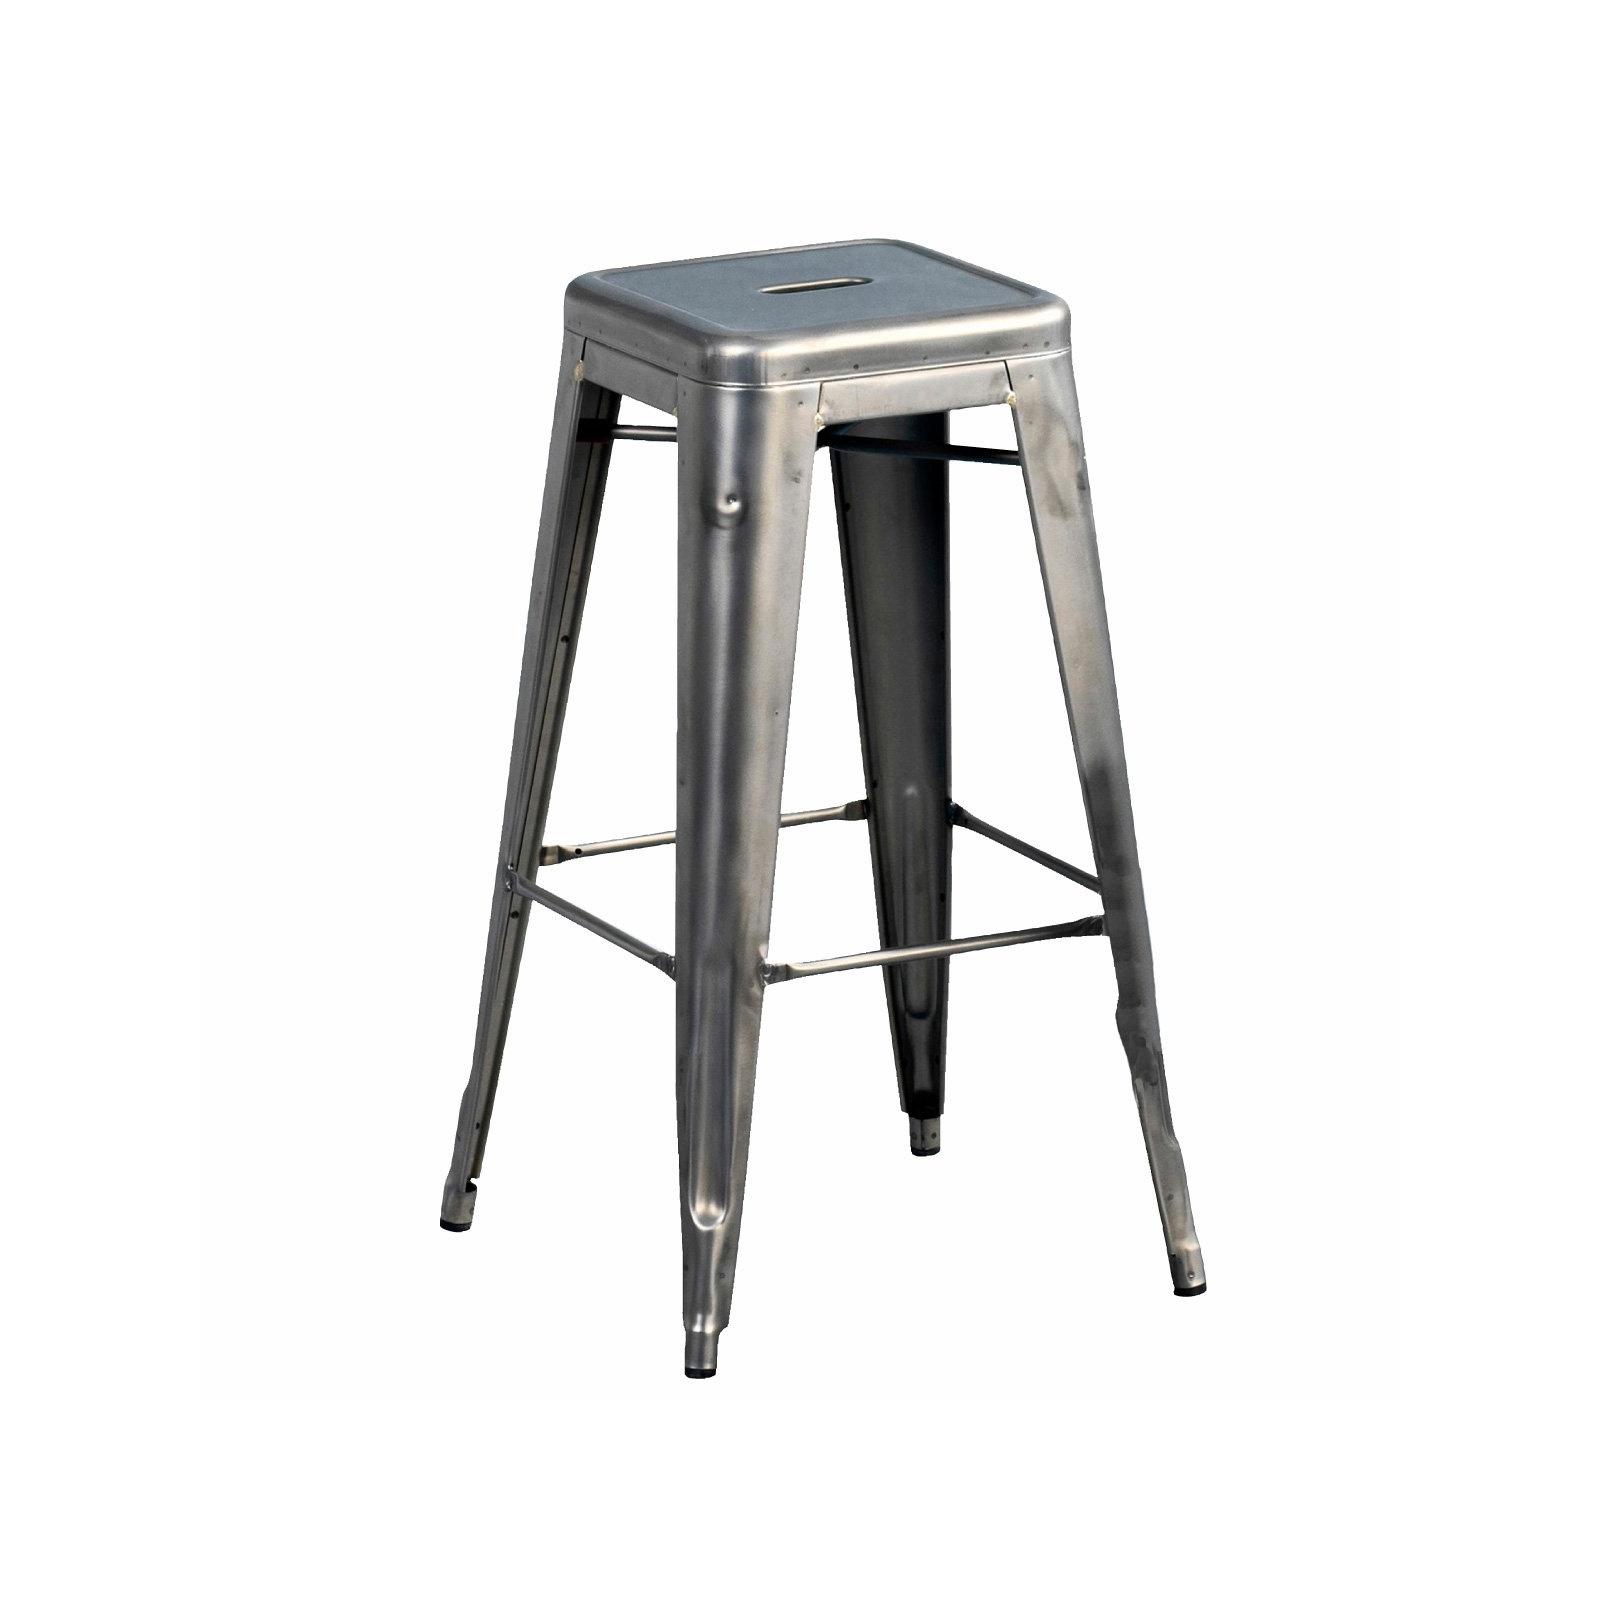 tabouret bar stool natural event trade show furniture rental formdecor. Black Bedroom Furniture Sets. Home Design Ideas